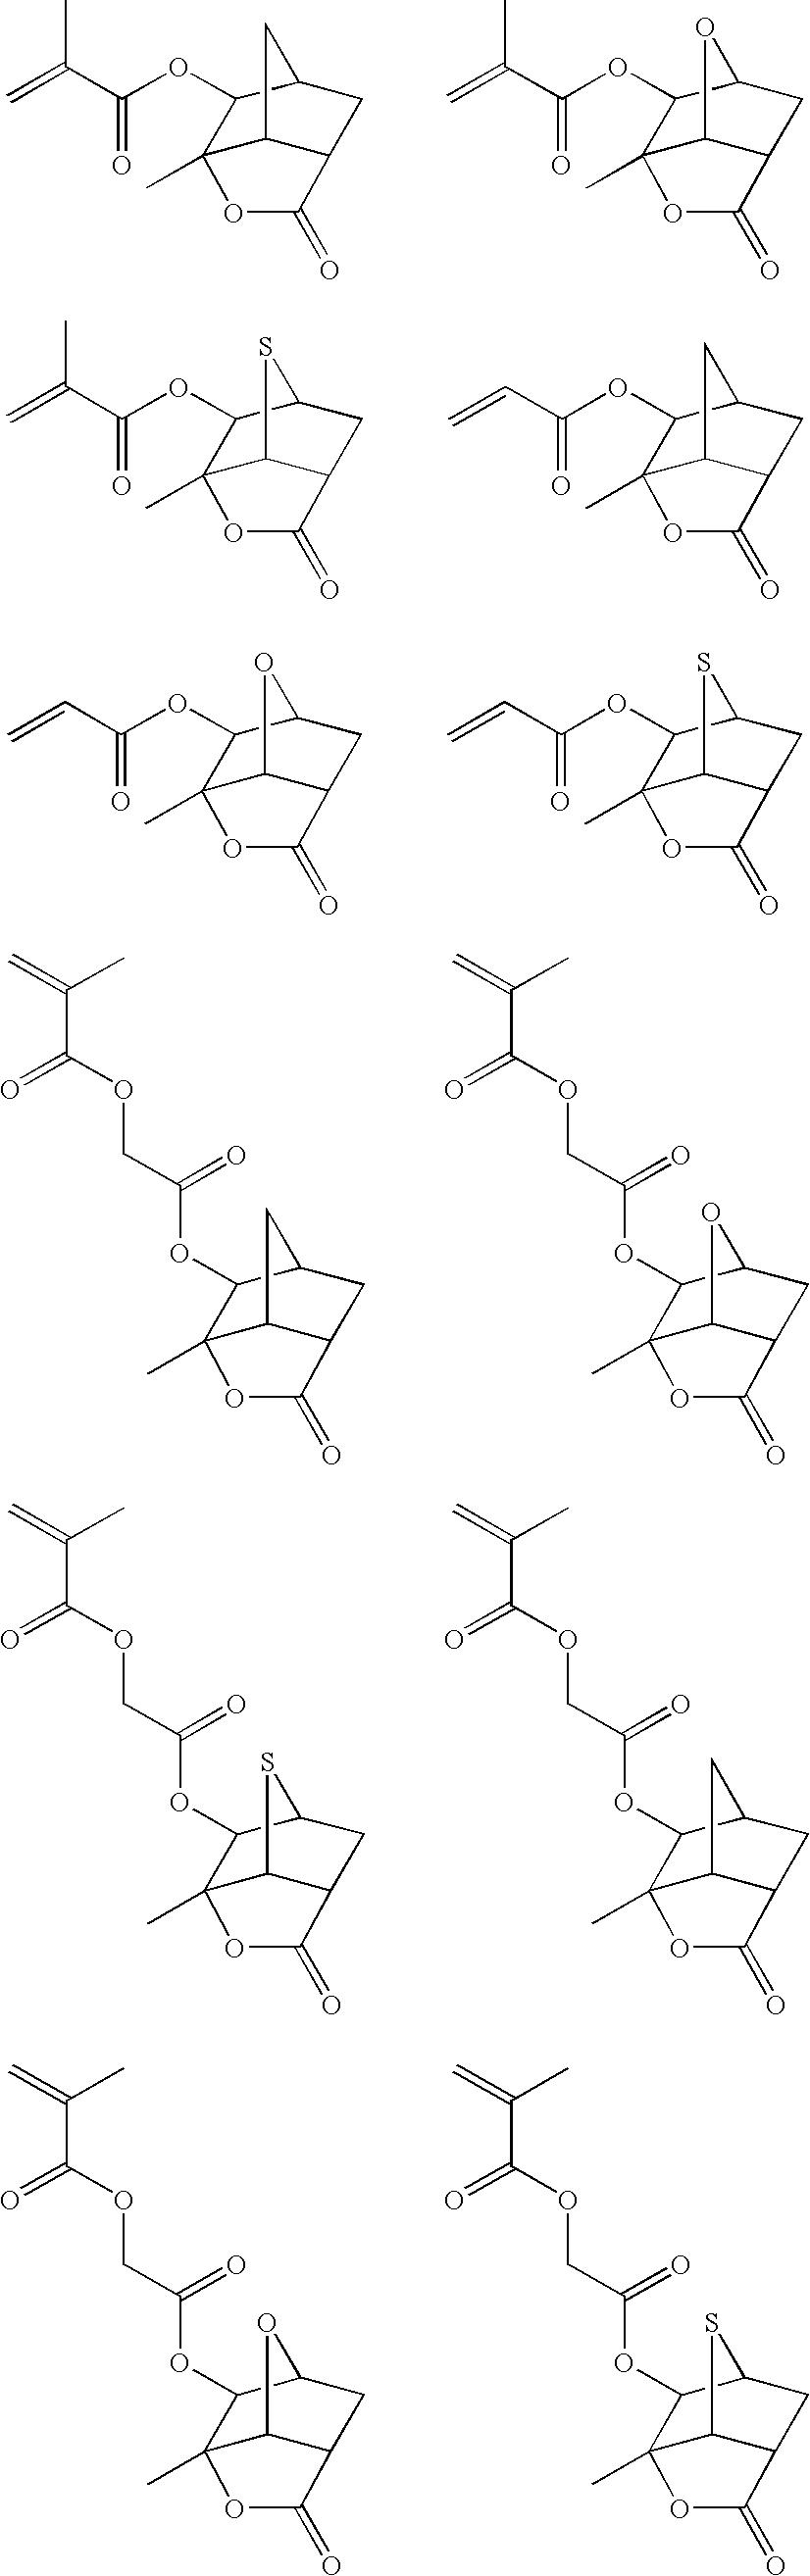 Figure US20100323296A1-20101223-C00038